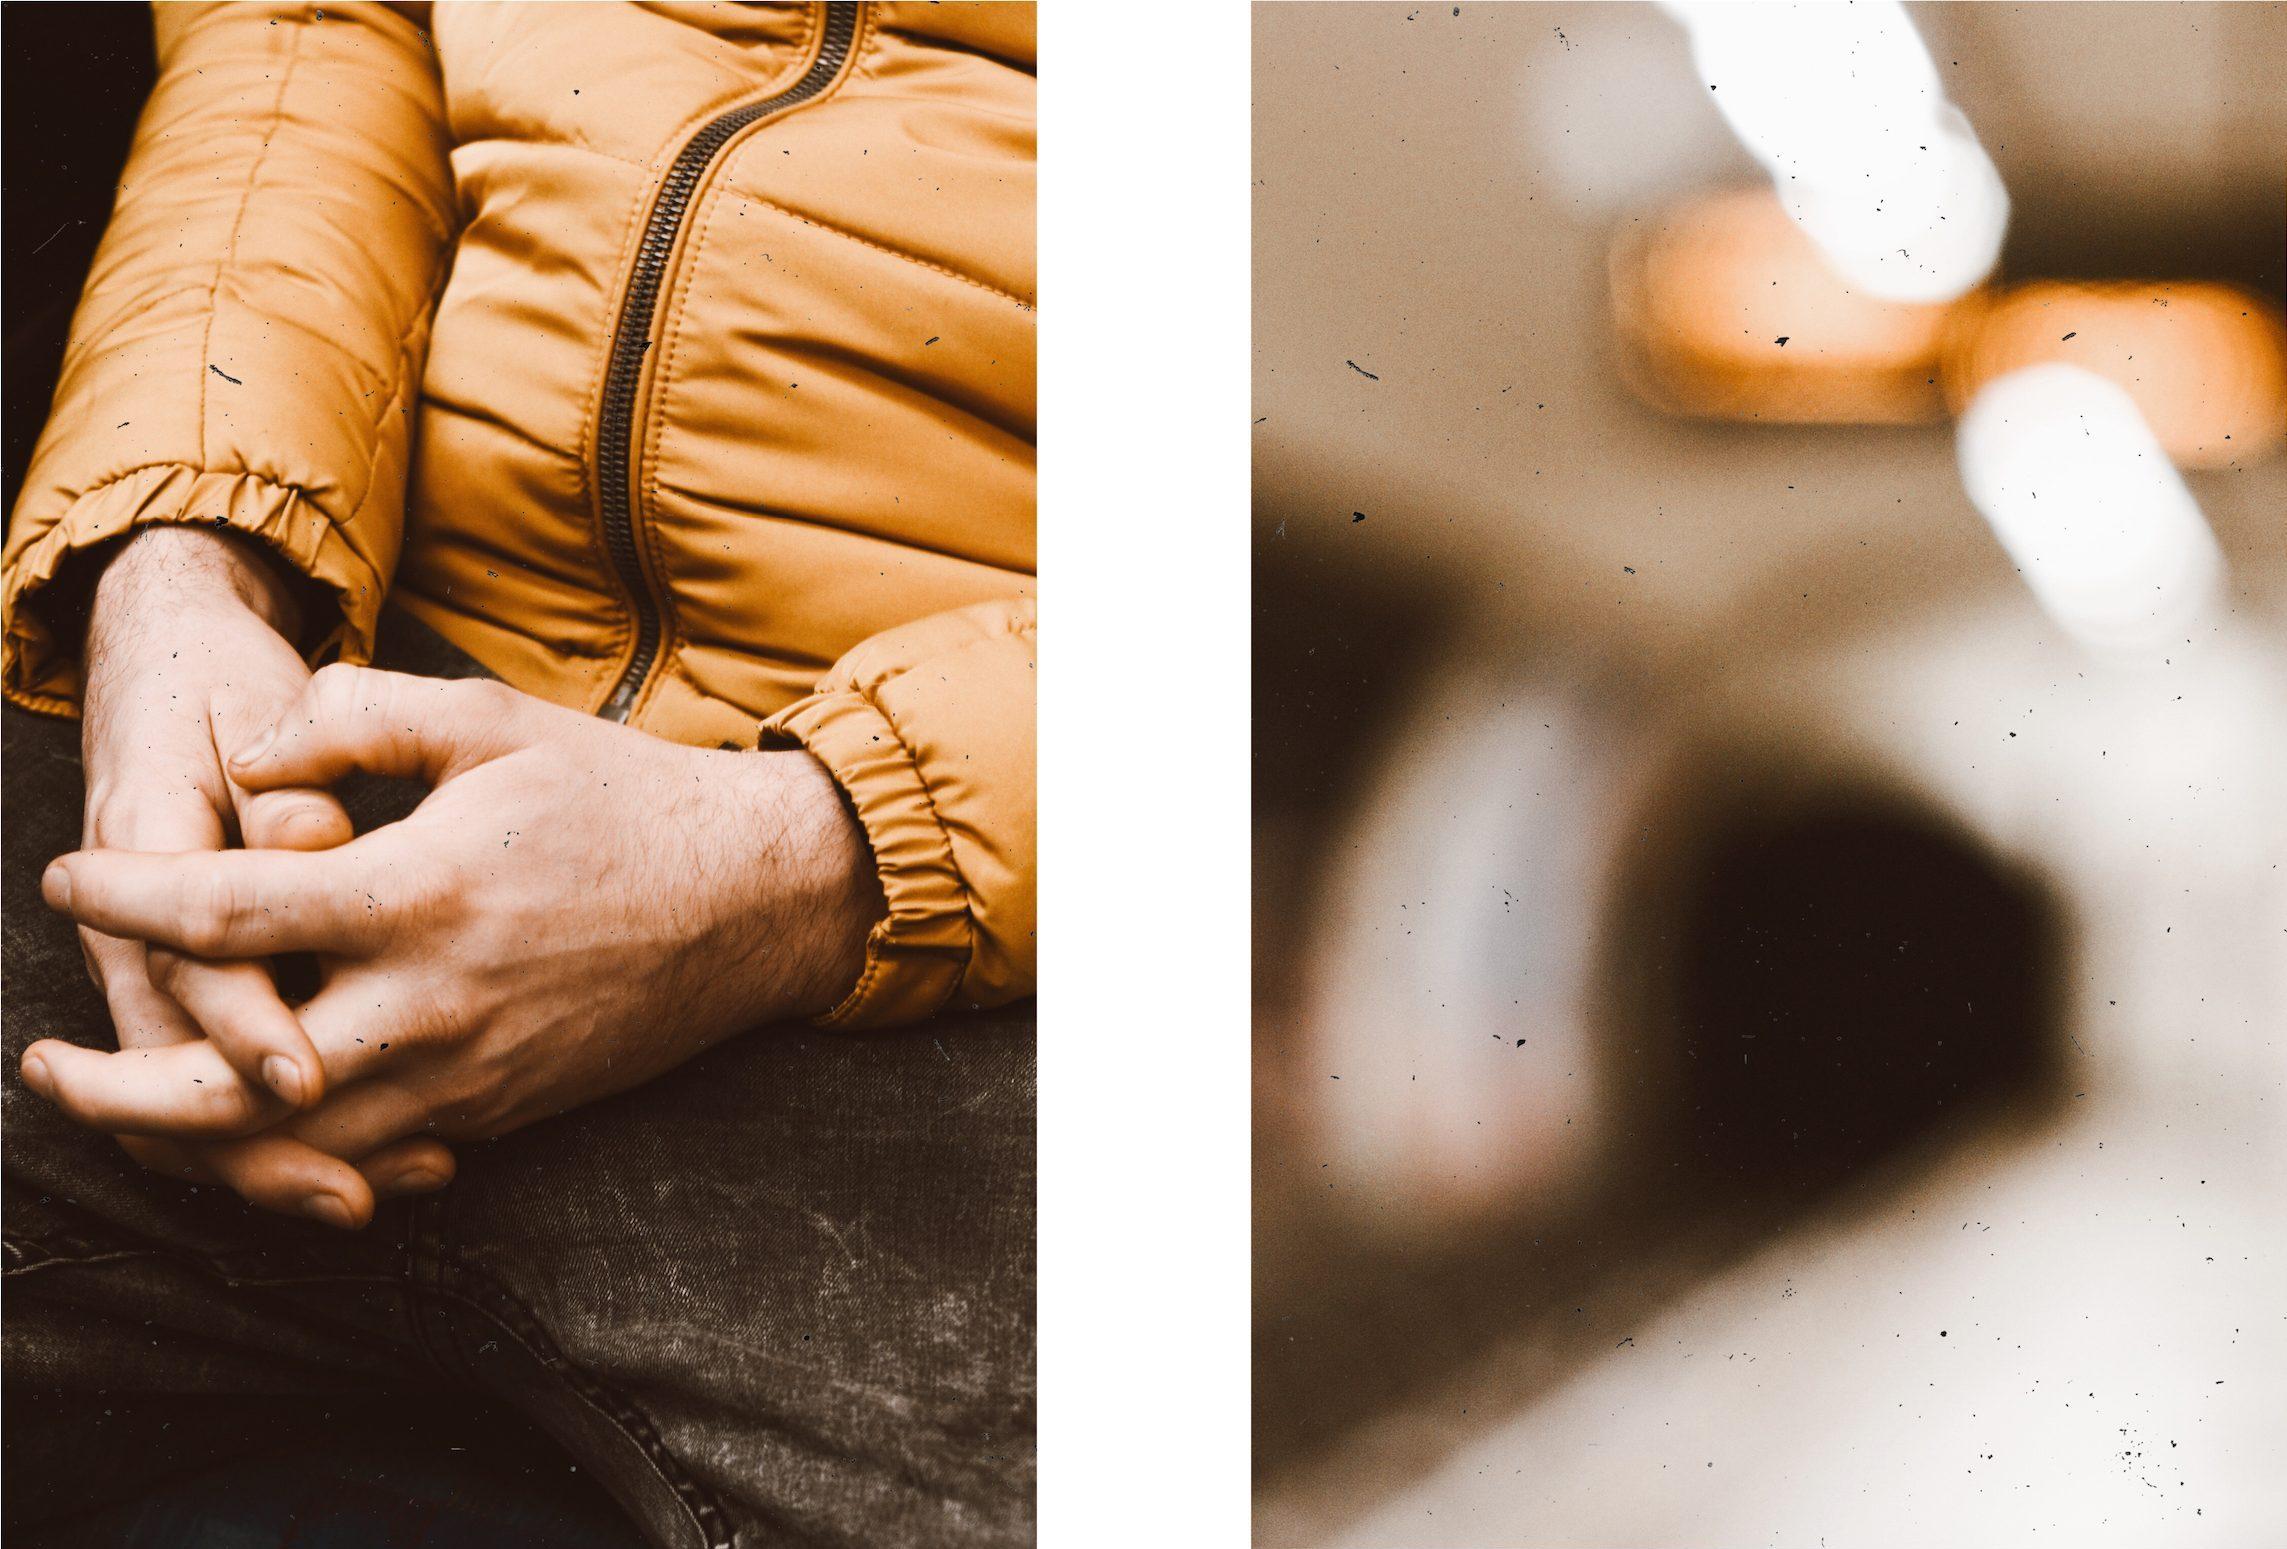 Mihai's hands [Irene Chirita]